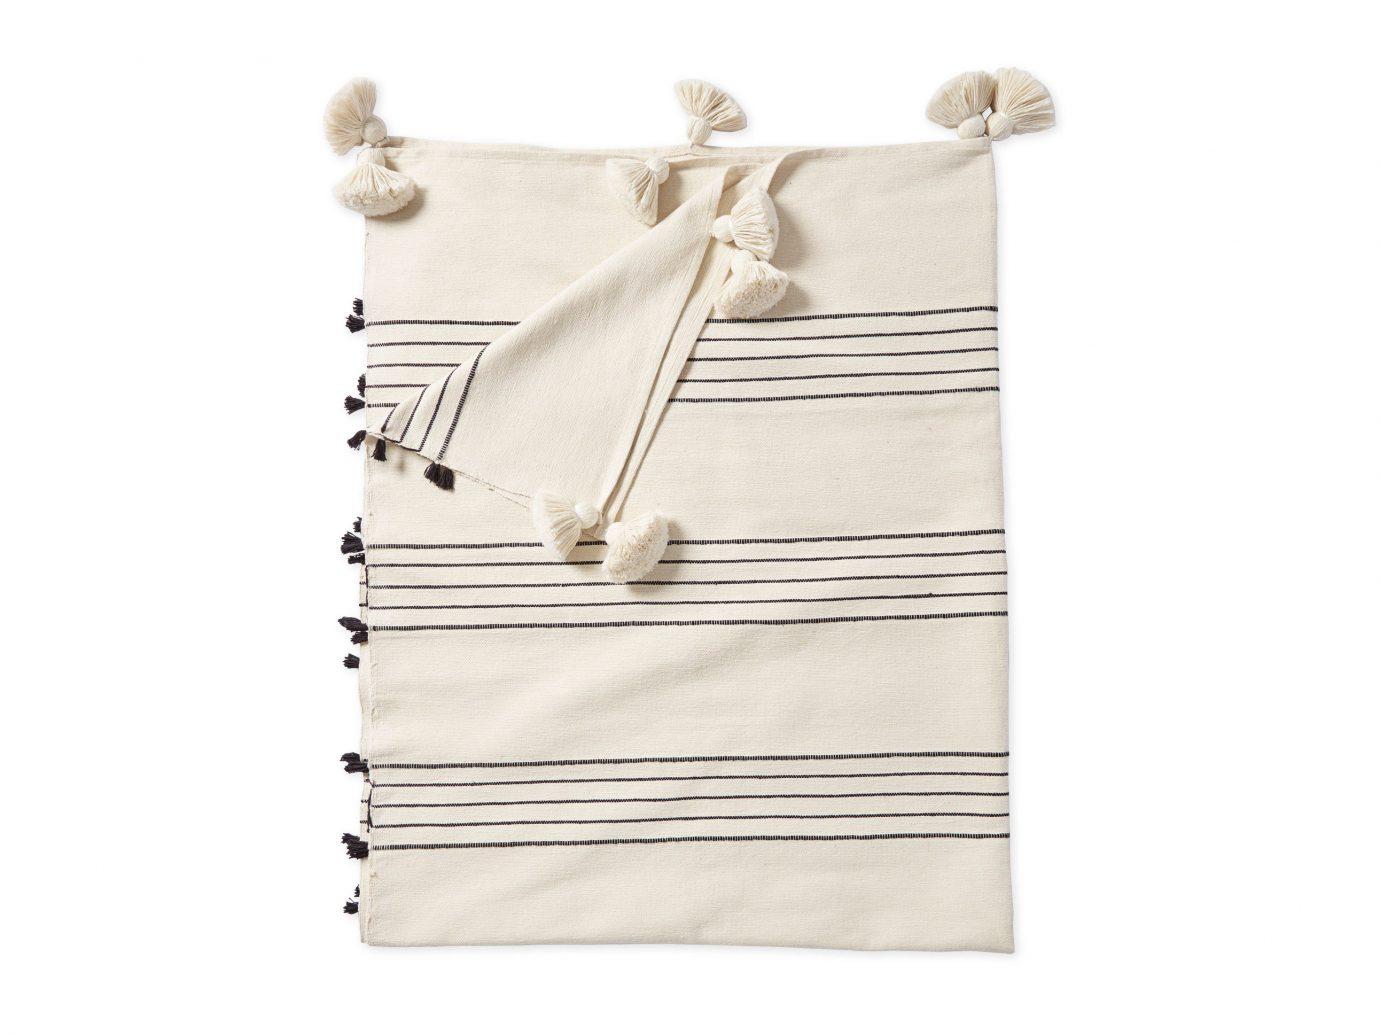 City Copenhagen Kyoto Marrakech Palm Springs Style + Design Travel Shop Tulum white product textile material beige linens